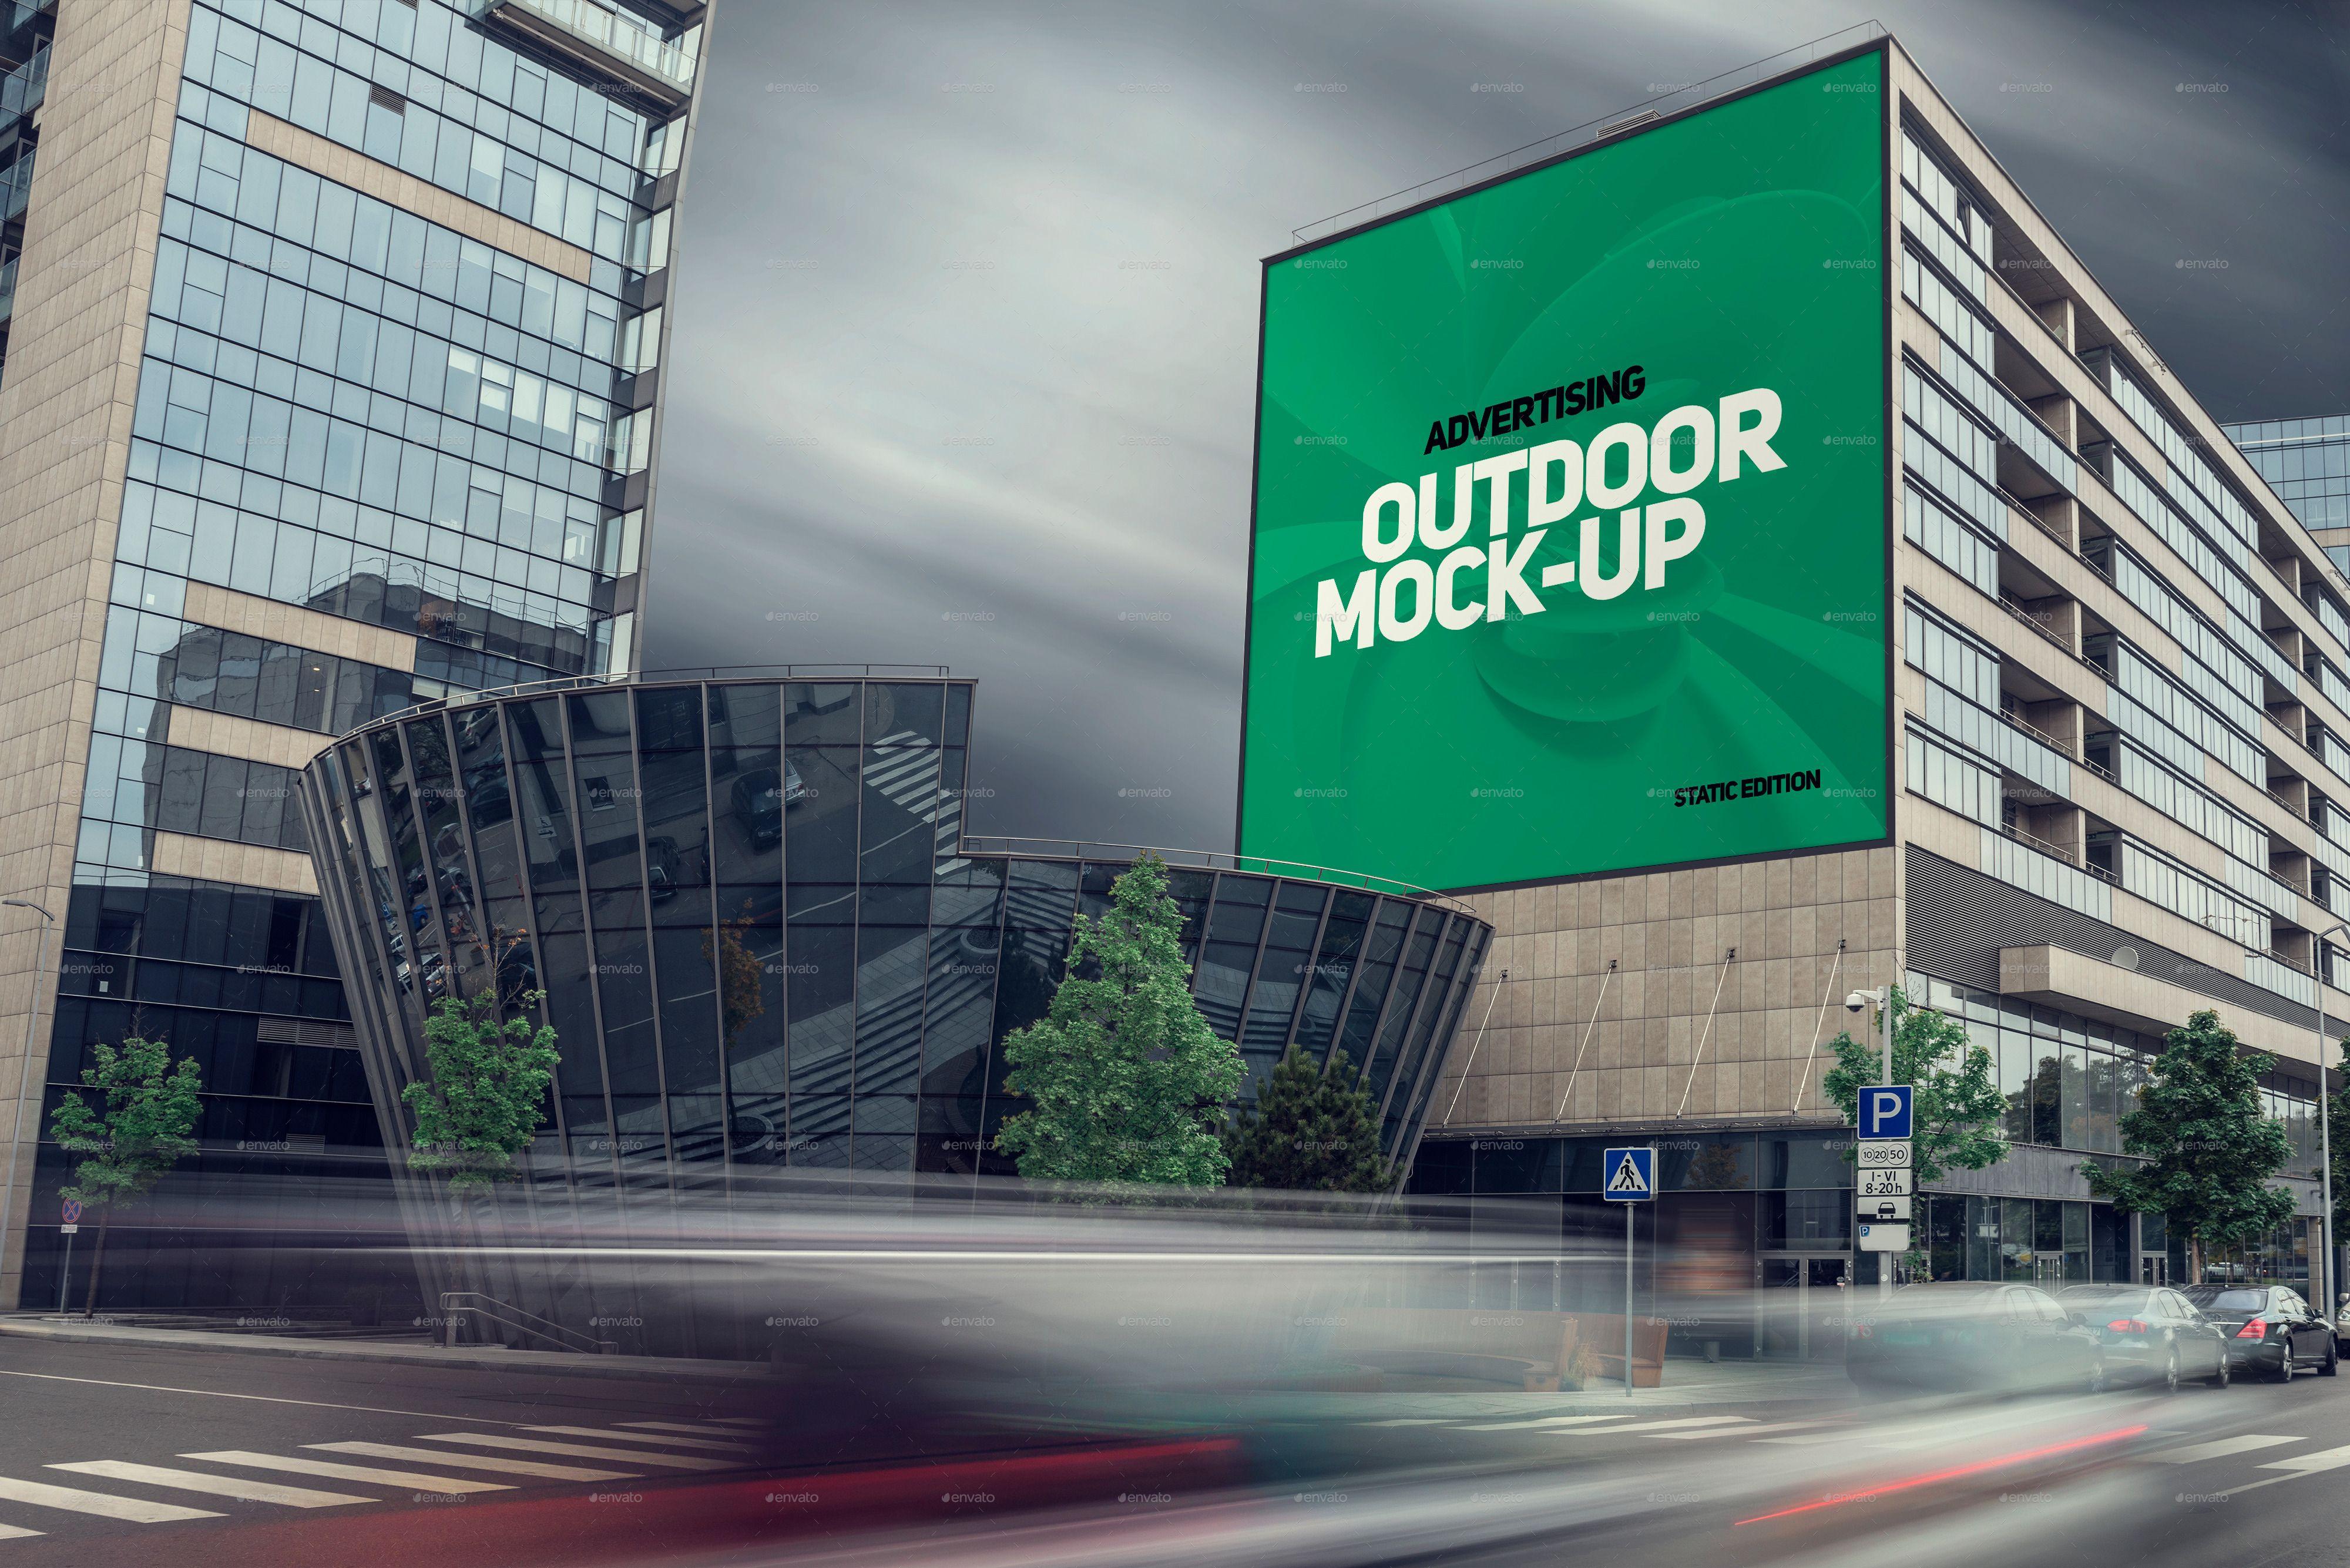 наружная реклама на фасадах зданий